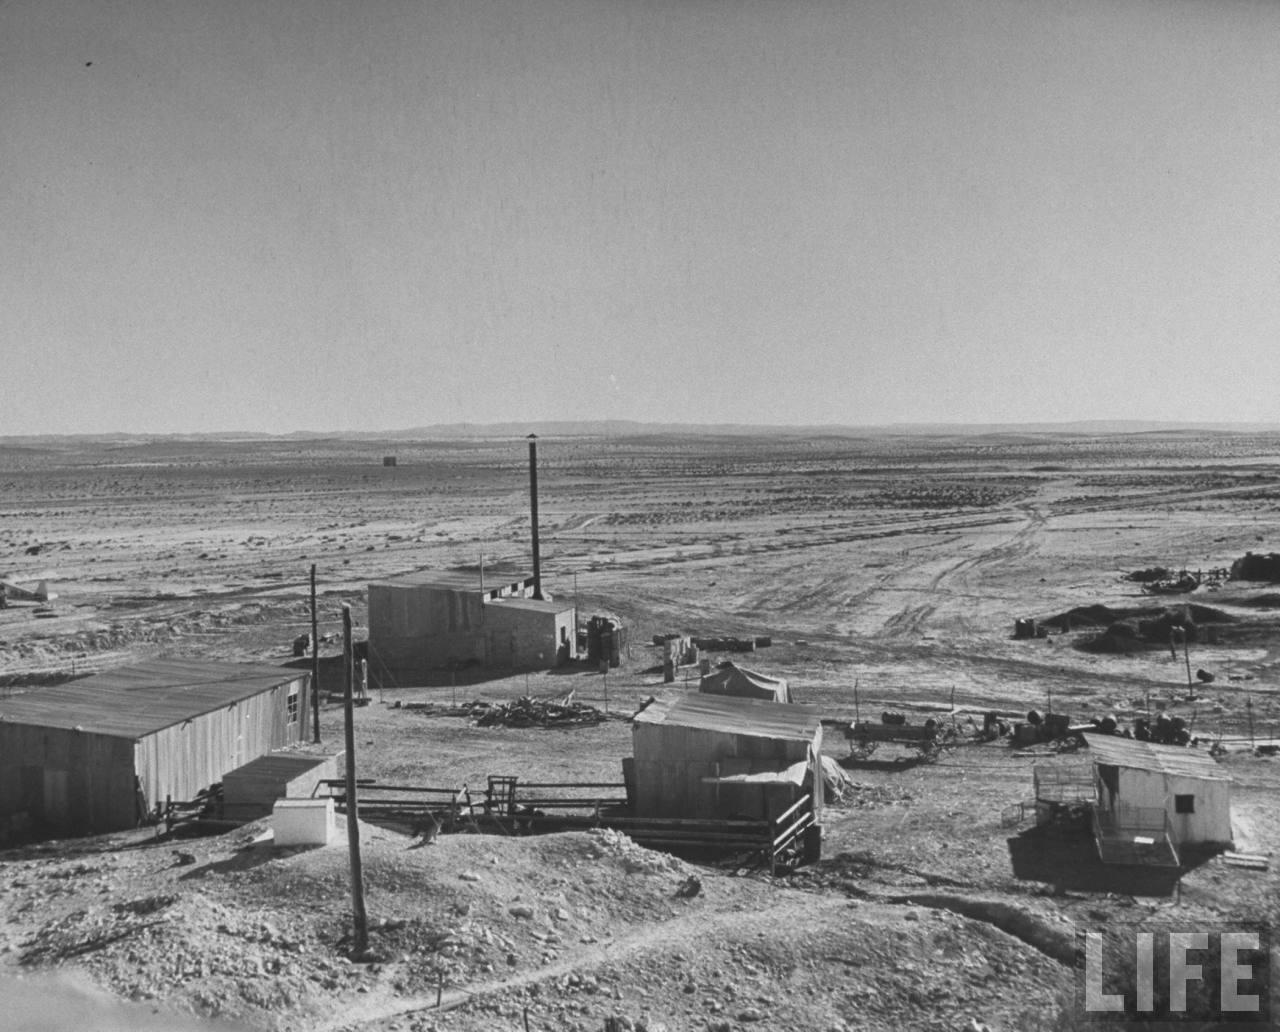 Еврейский форпост у египетской границы с траншеями, огневыми рубежами и колючей проволокой